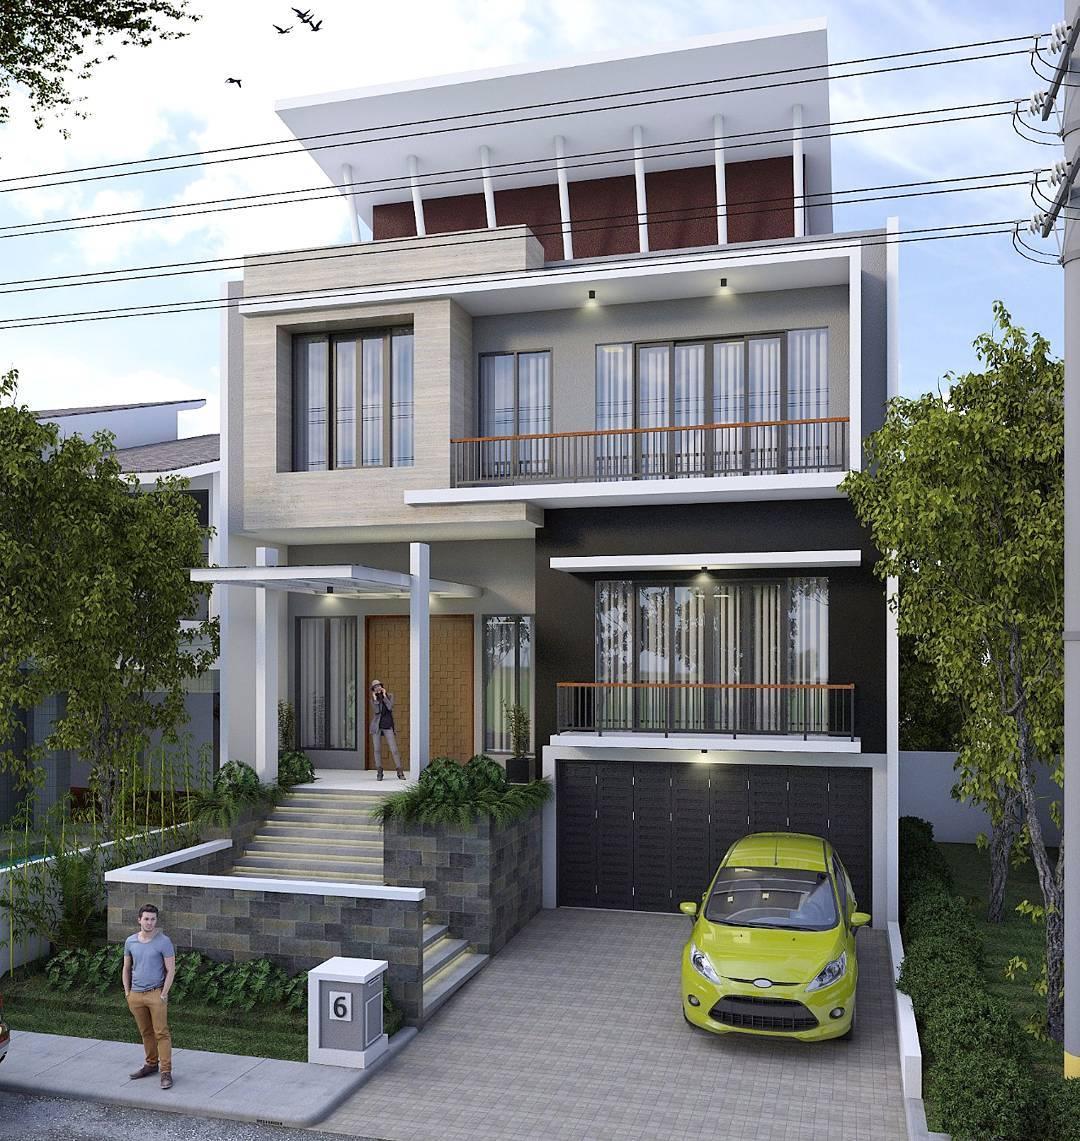 Desain Rumah Type 36 Ada Kolam Renang - Quotes 2019 c